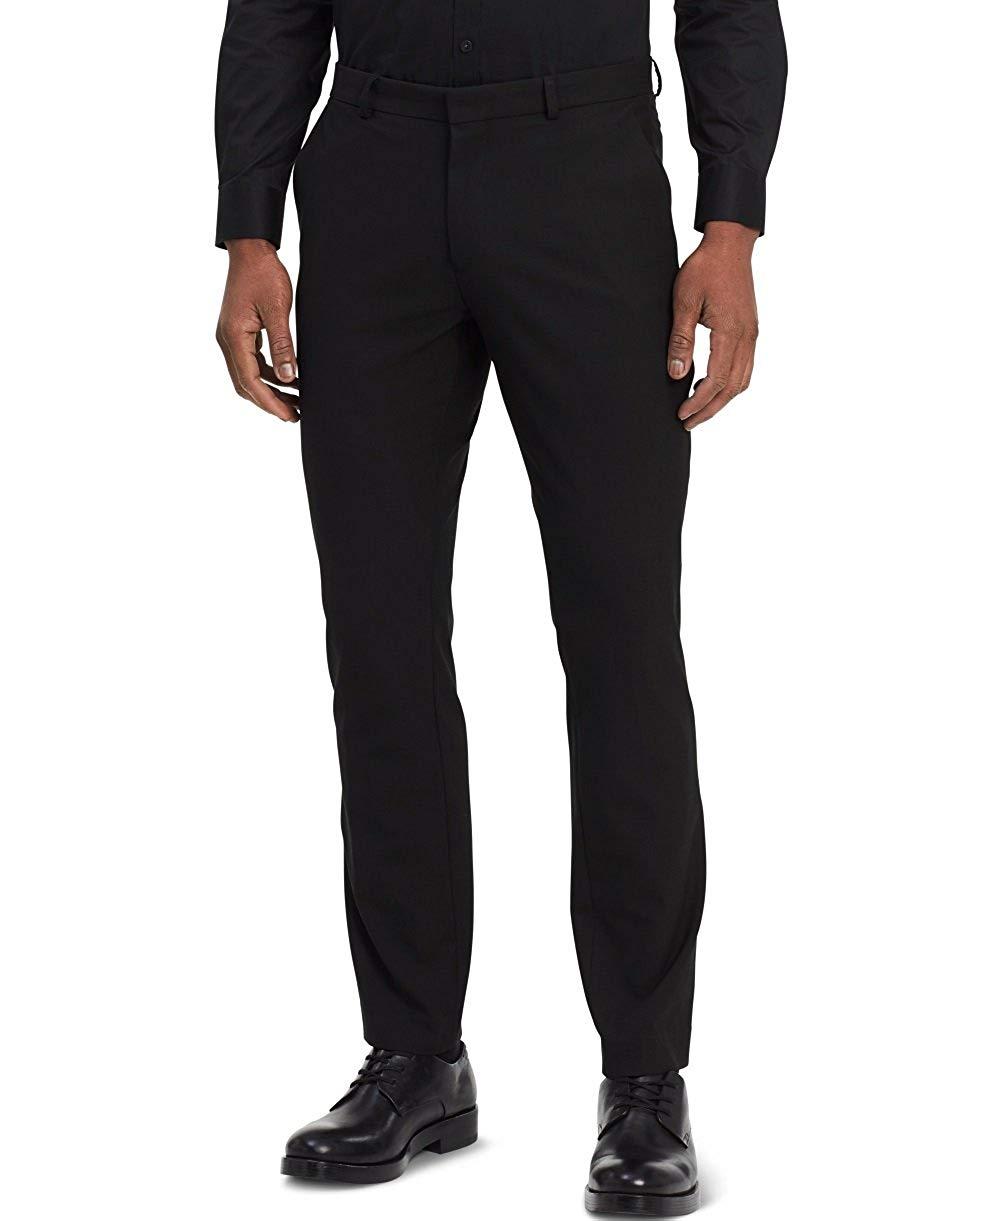 Calvin Klein Men's Infinite End Bi-Stretch Pants